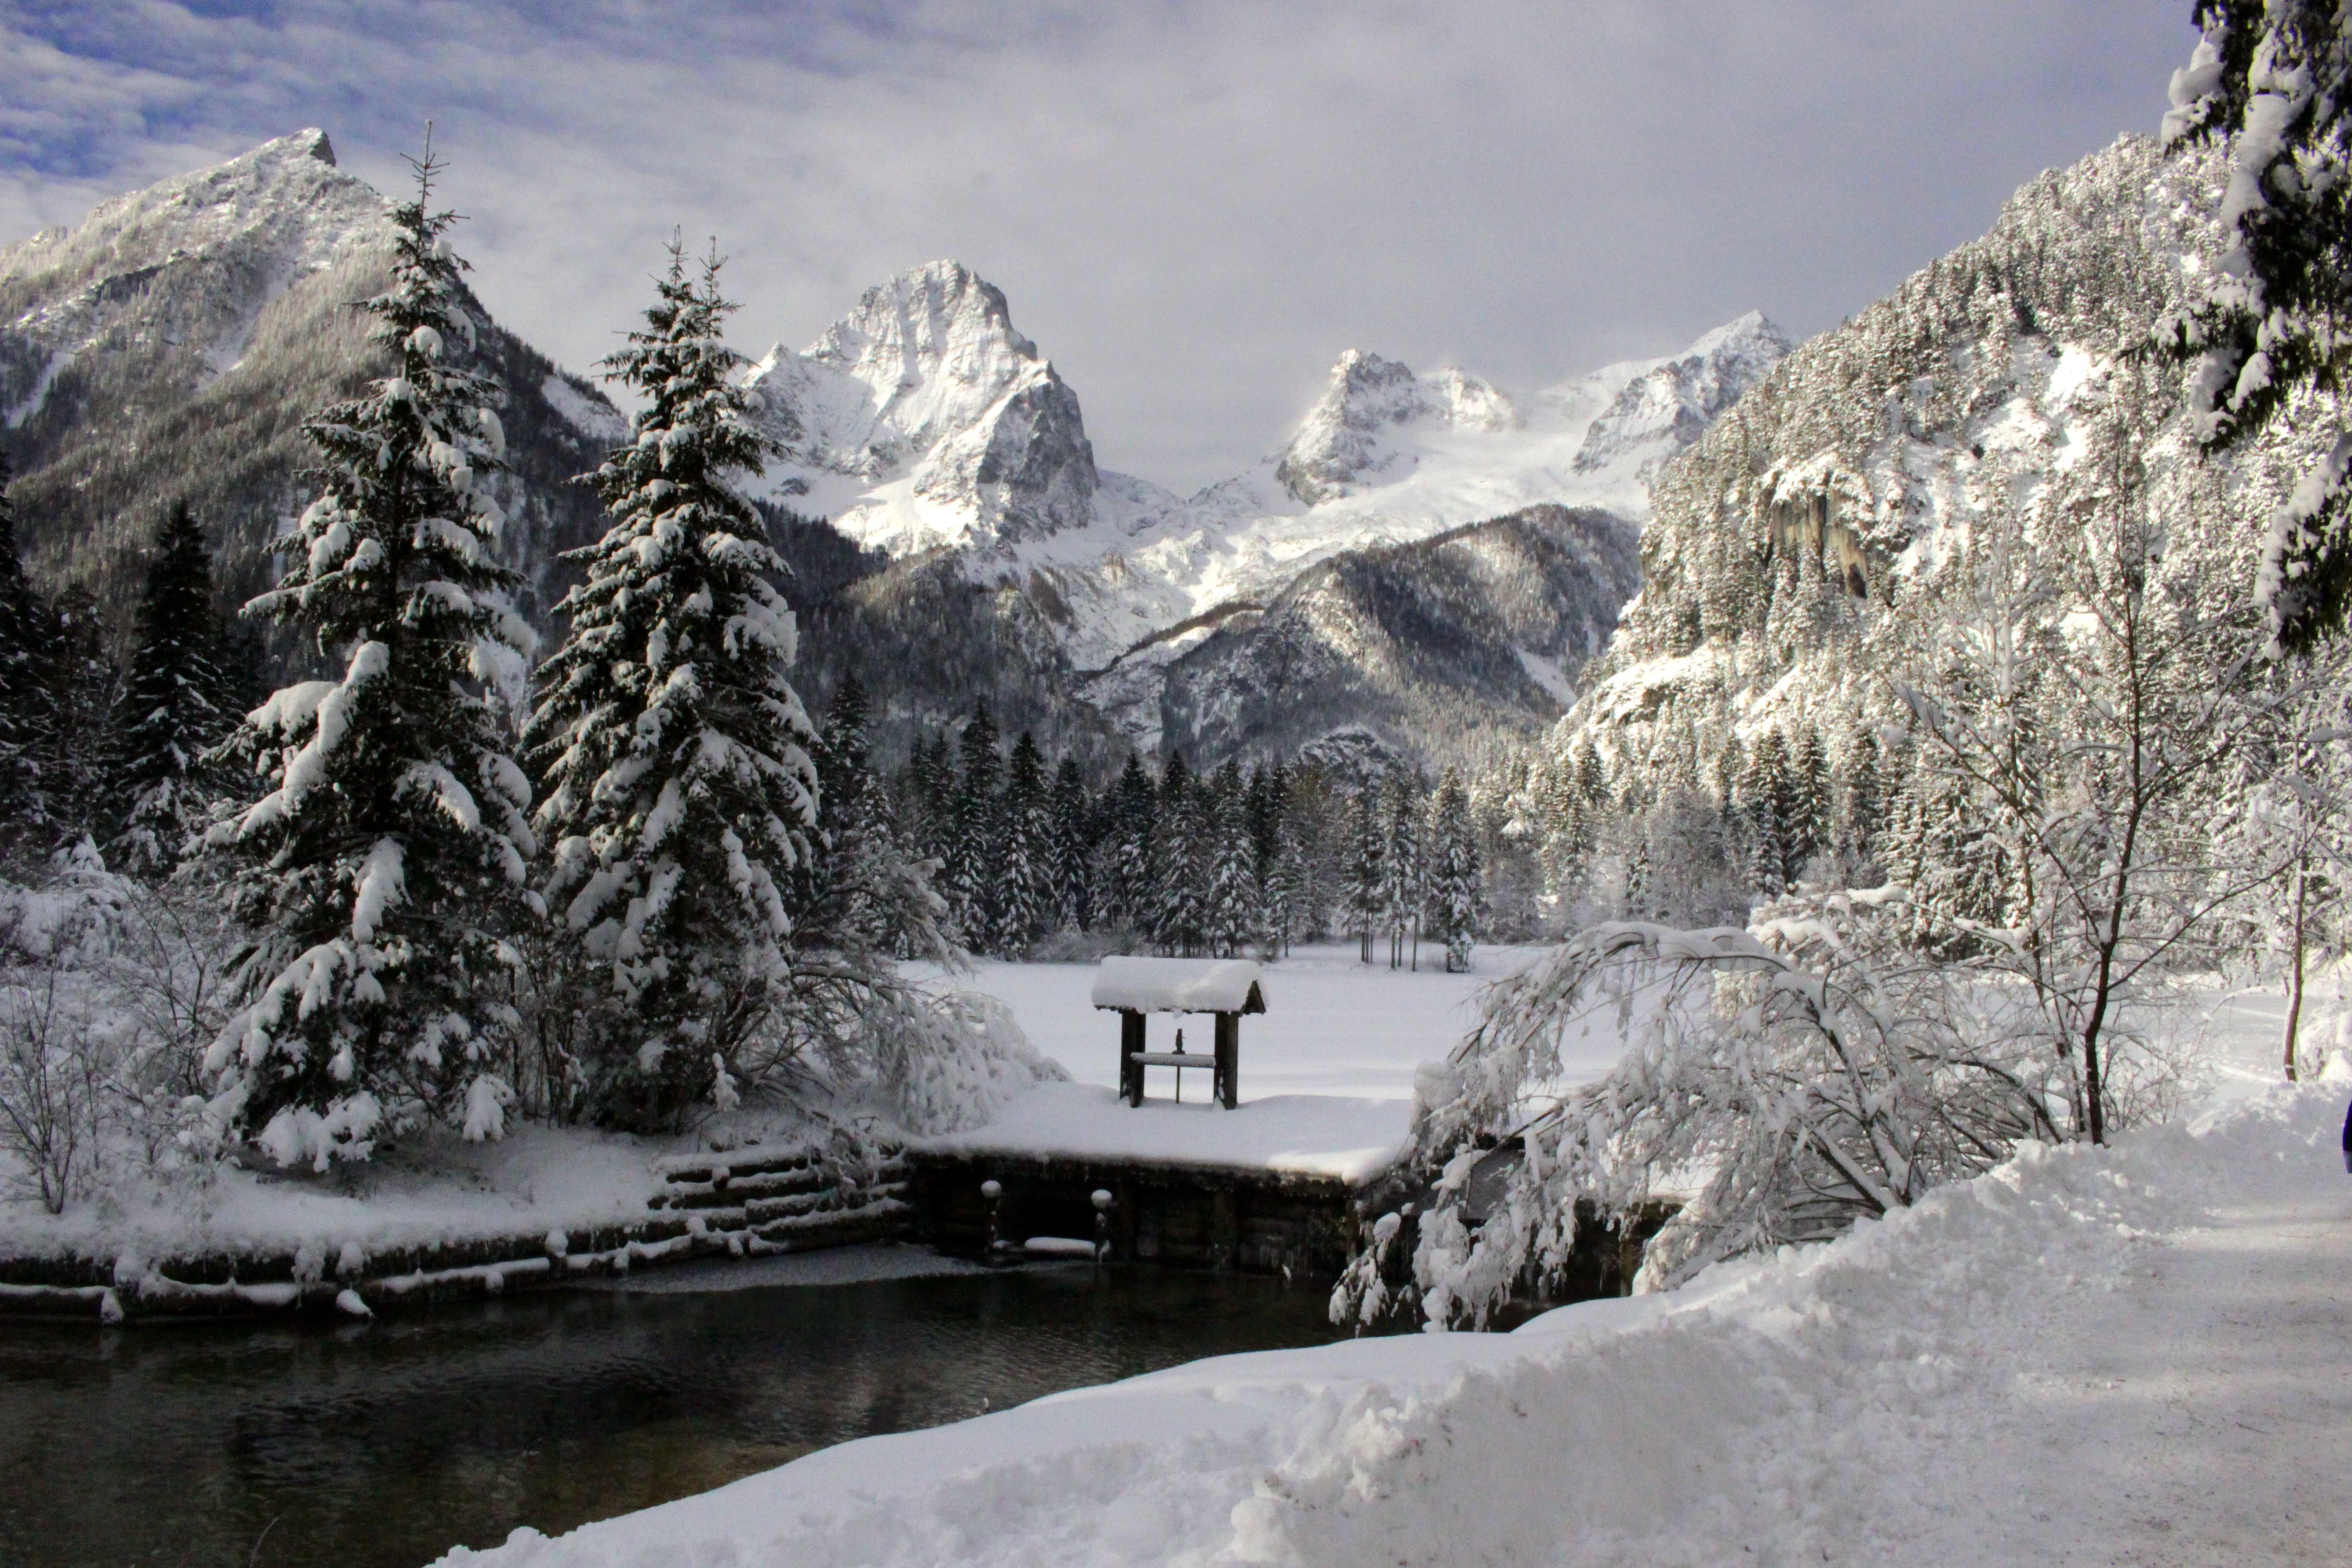 Gambar Pohon Air Gunung Salju Musim Dingin Langit Putih